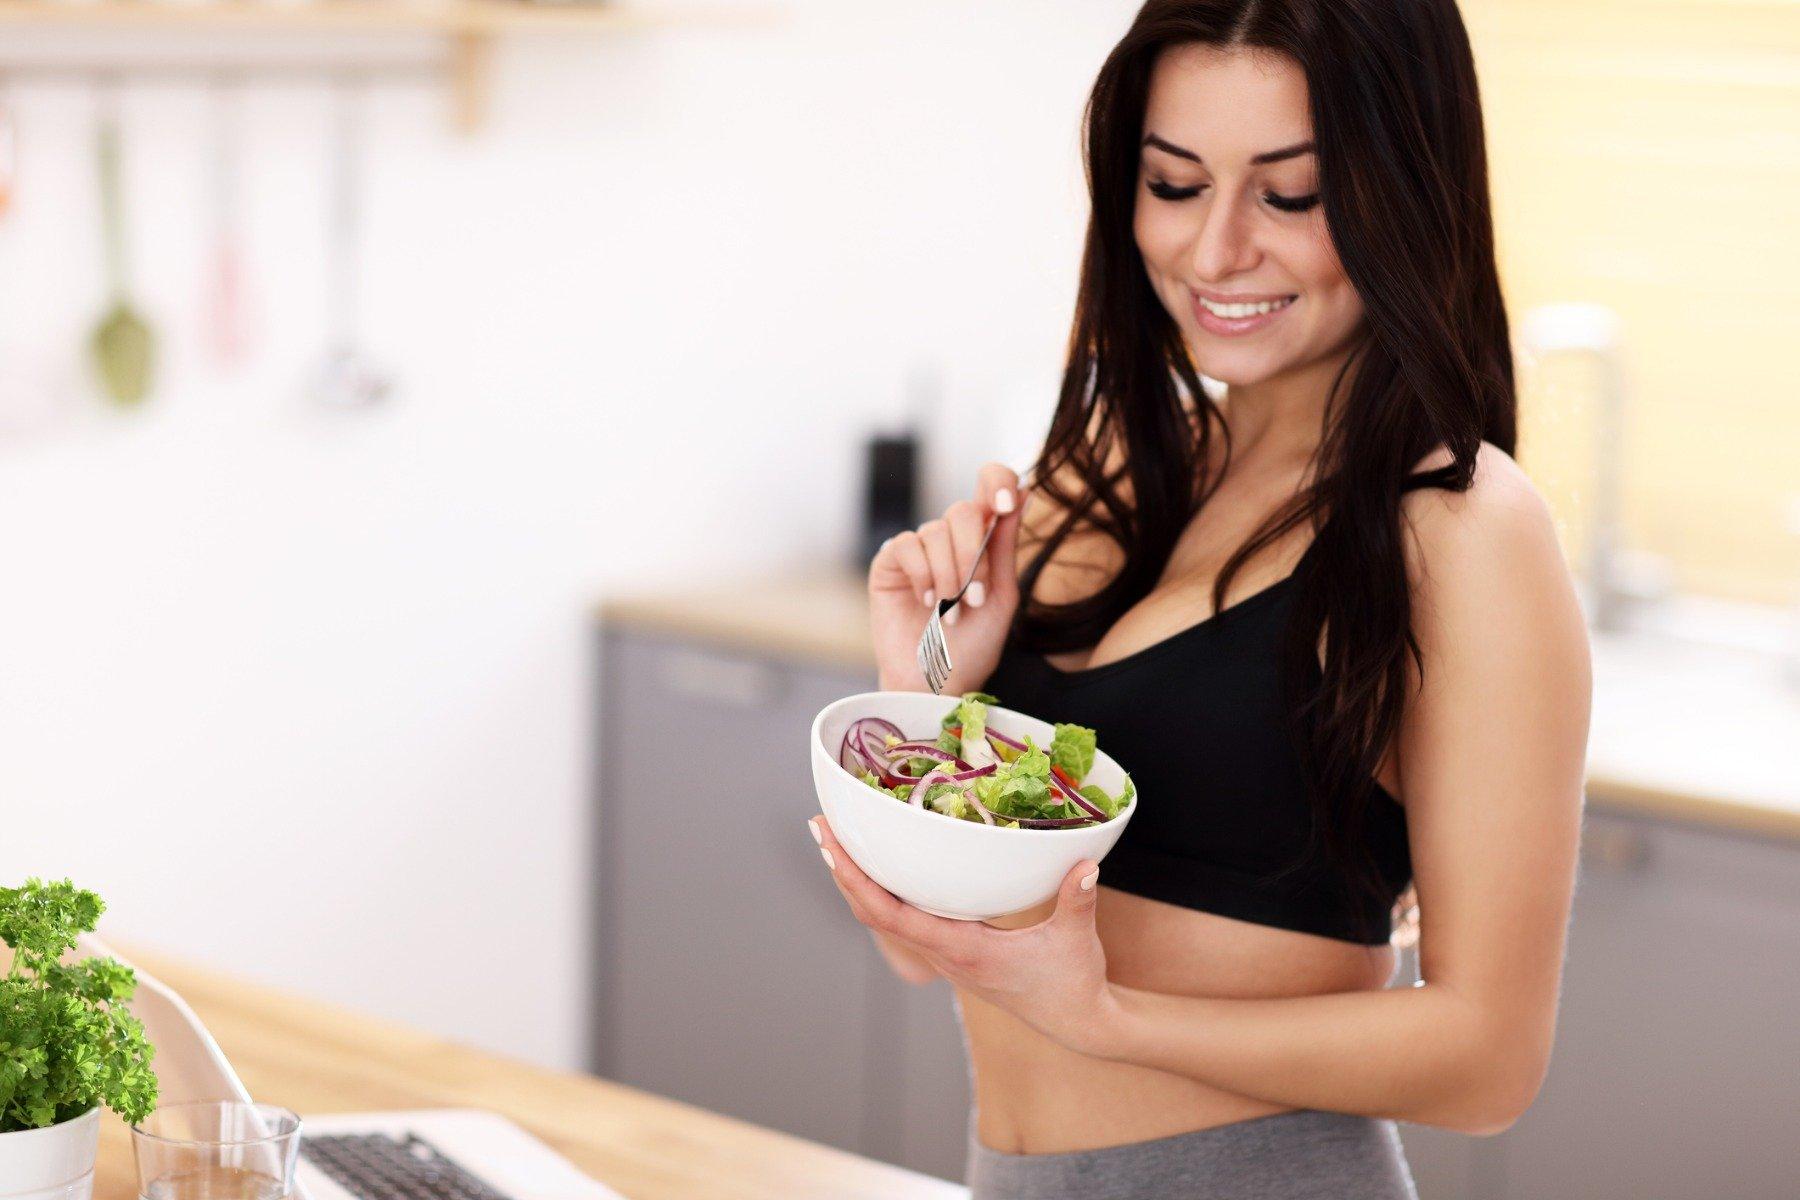 Tech: Fogyni akar? Gyorsan? Válogasson a listából: ez a 10 sport égeti a legtöbb kalóriát | merlegvasar.hu